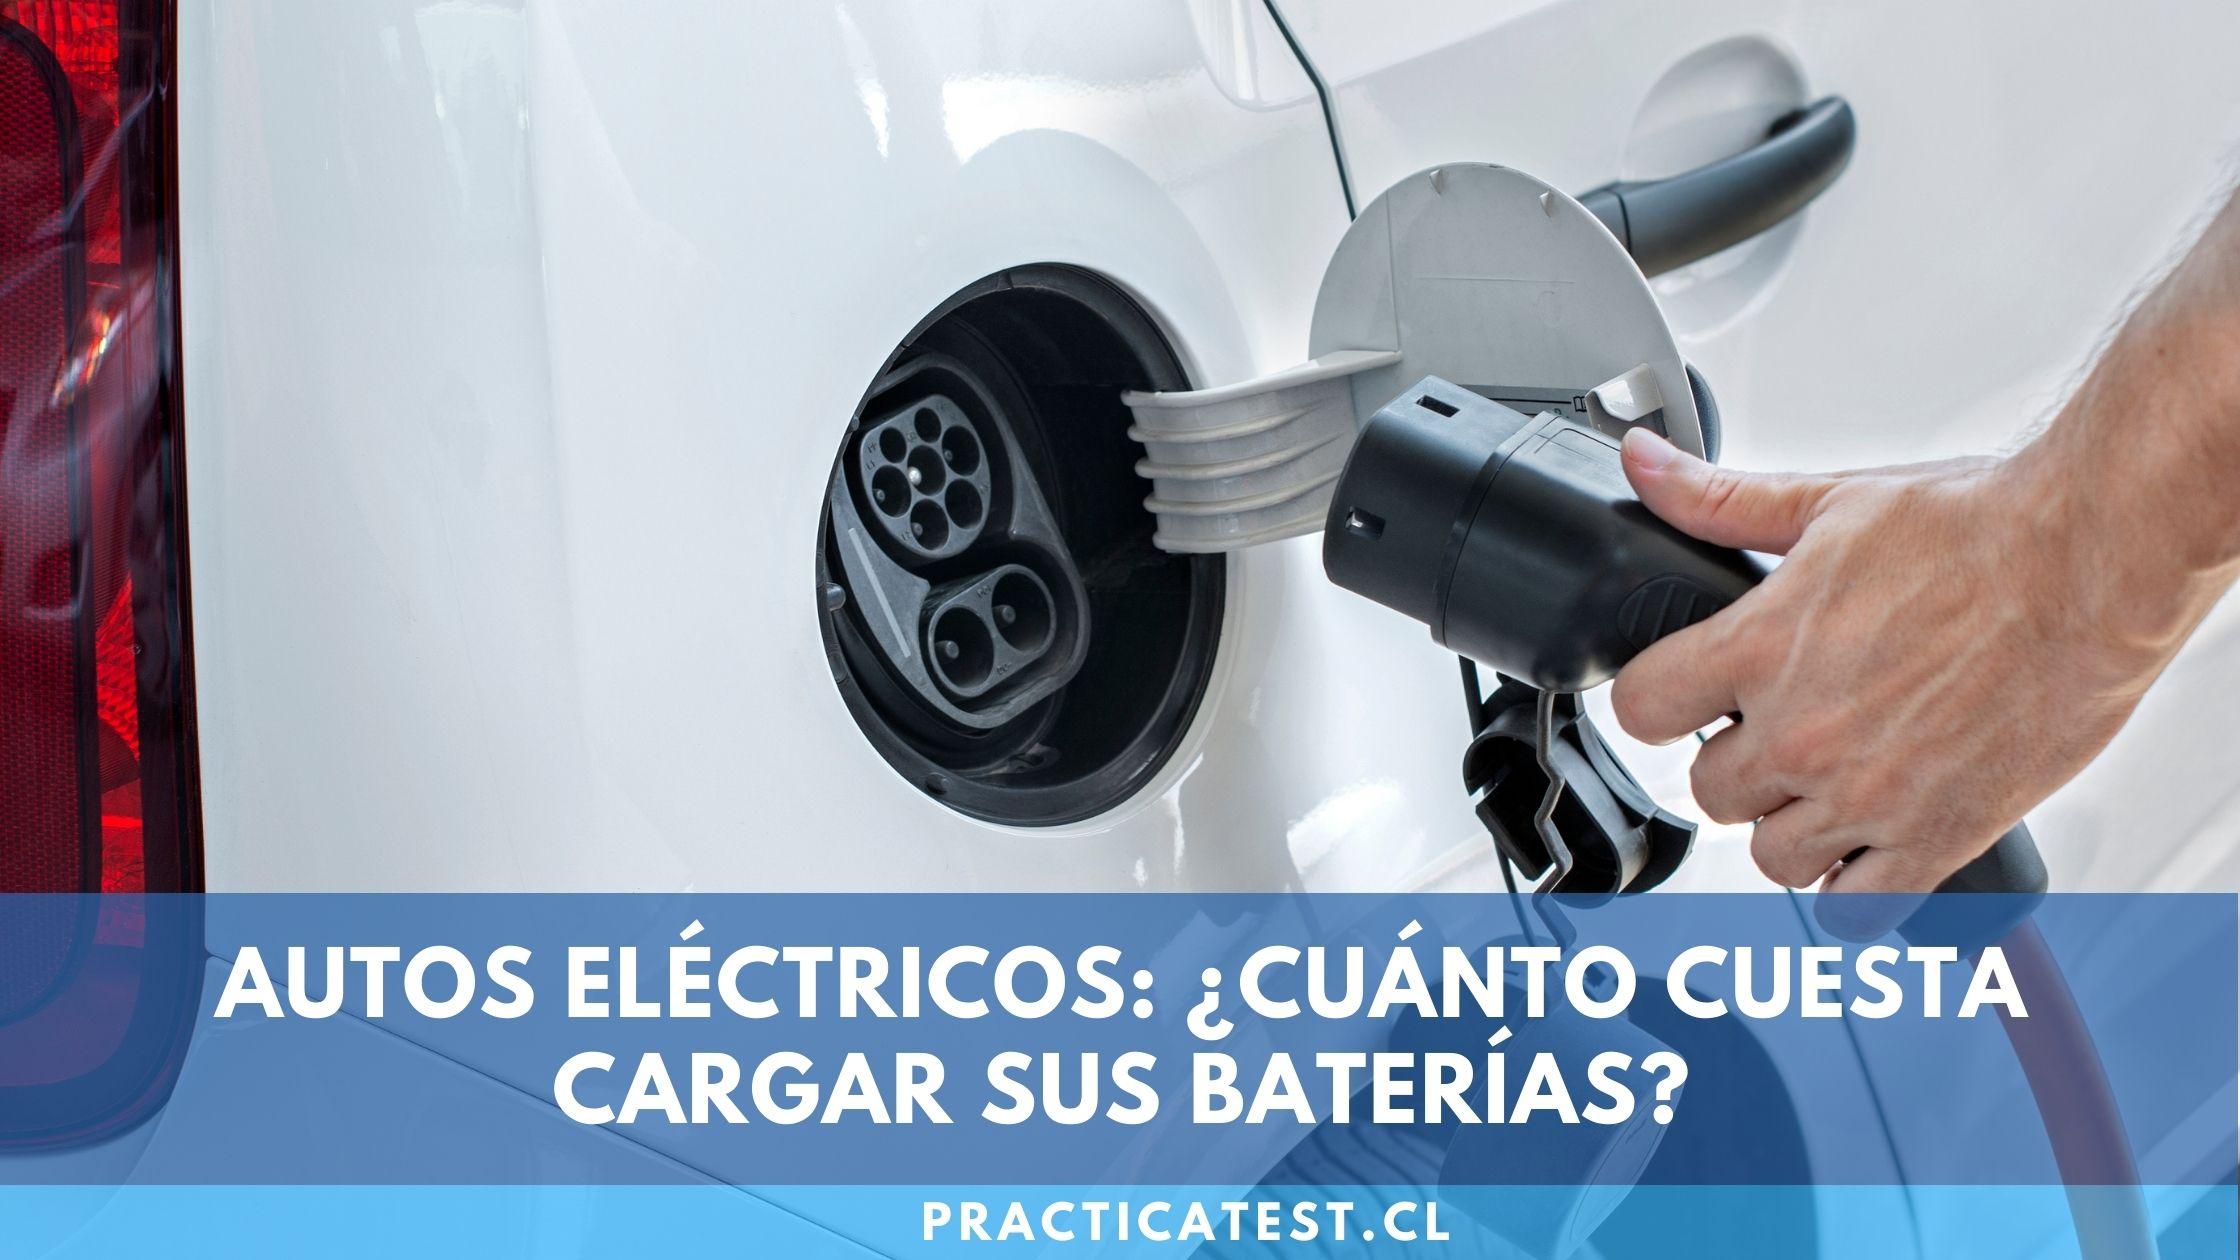 Funcionamiento de las baterías de un vehículo eléctrico y cuanto tarda en cargarse